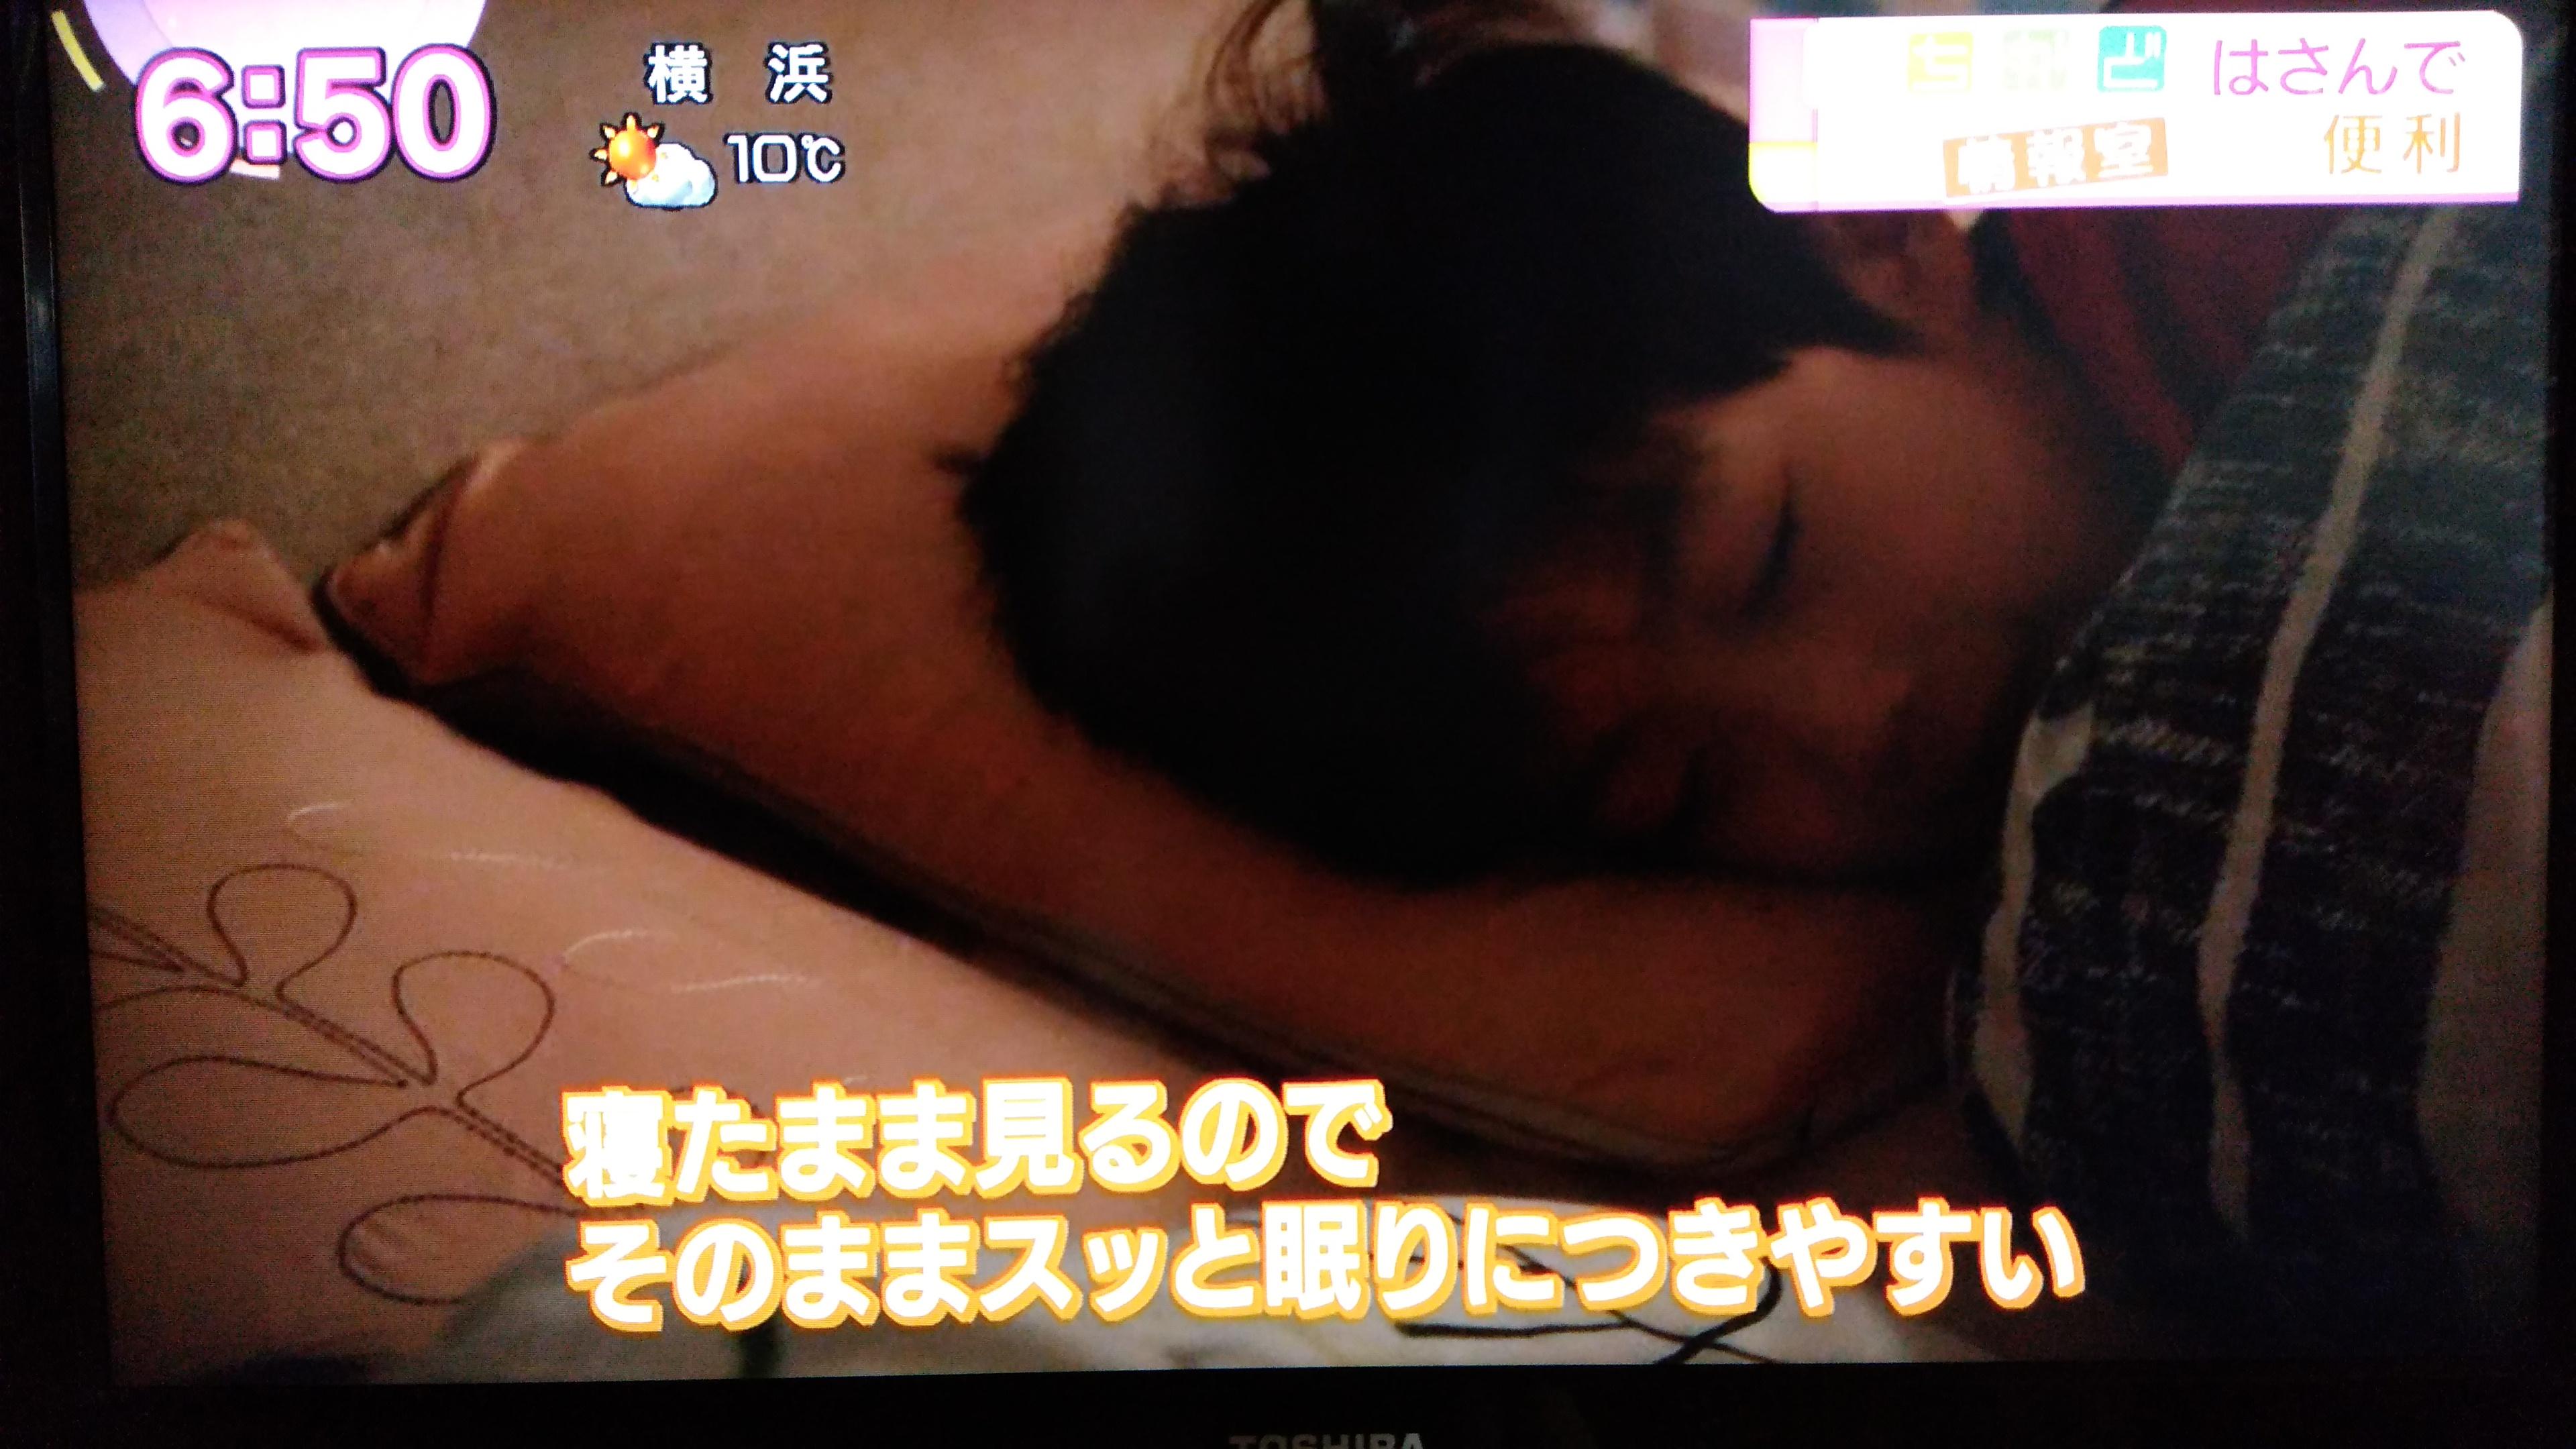 子供が暗がりで寝たままの姿勢で絵本を読むので、寝つきやすい